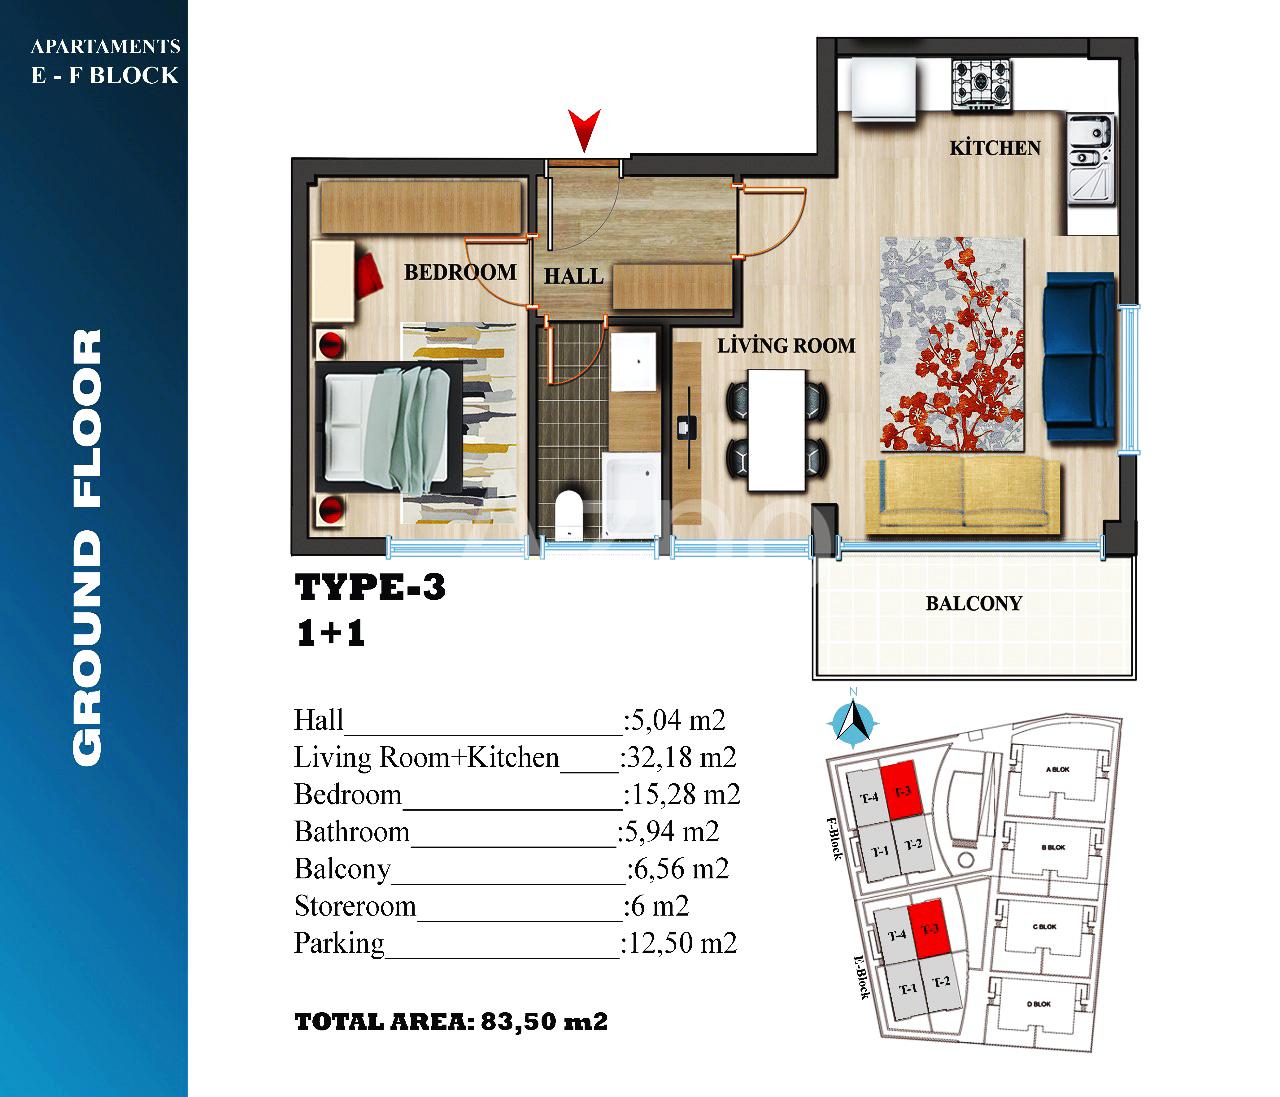 Квартиры в новом проекте в районе Лара Анталия - Фото 21